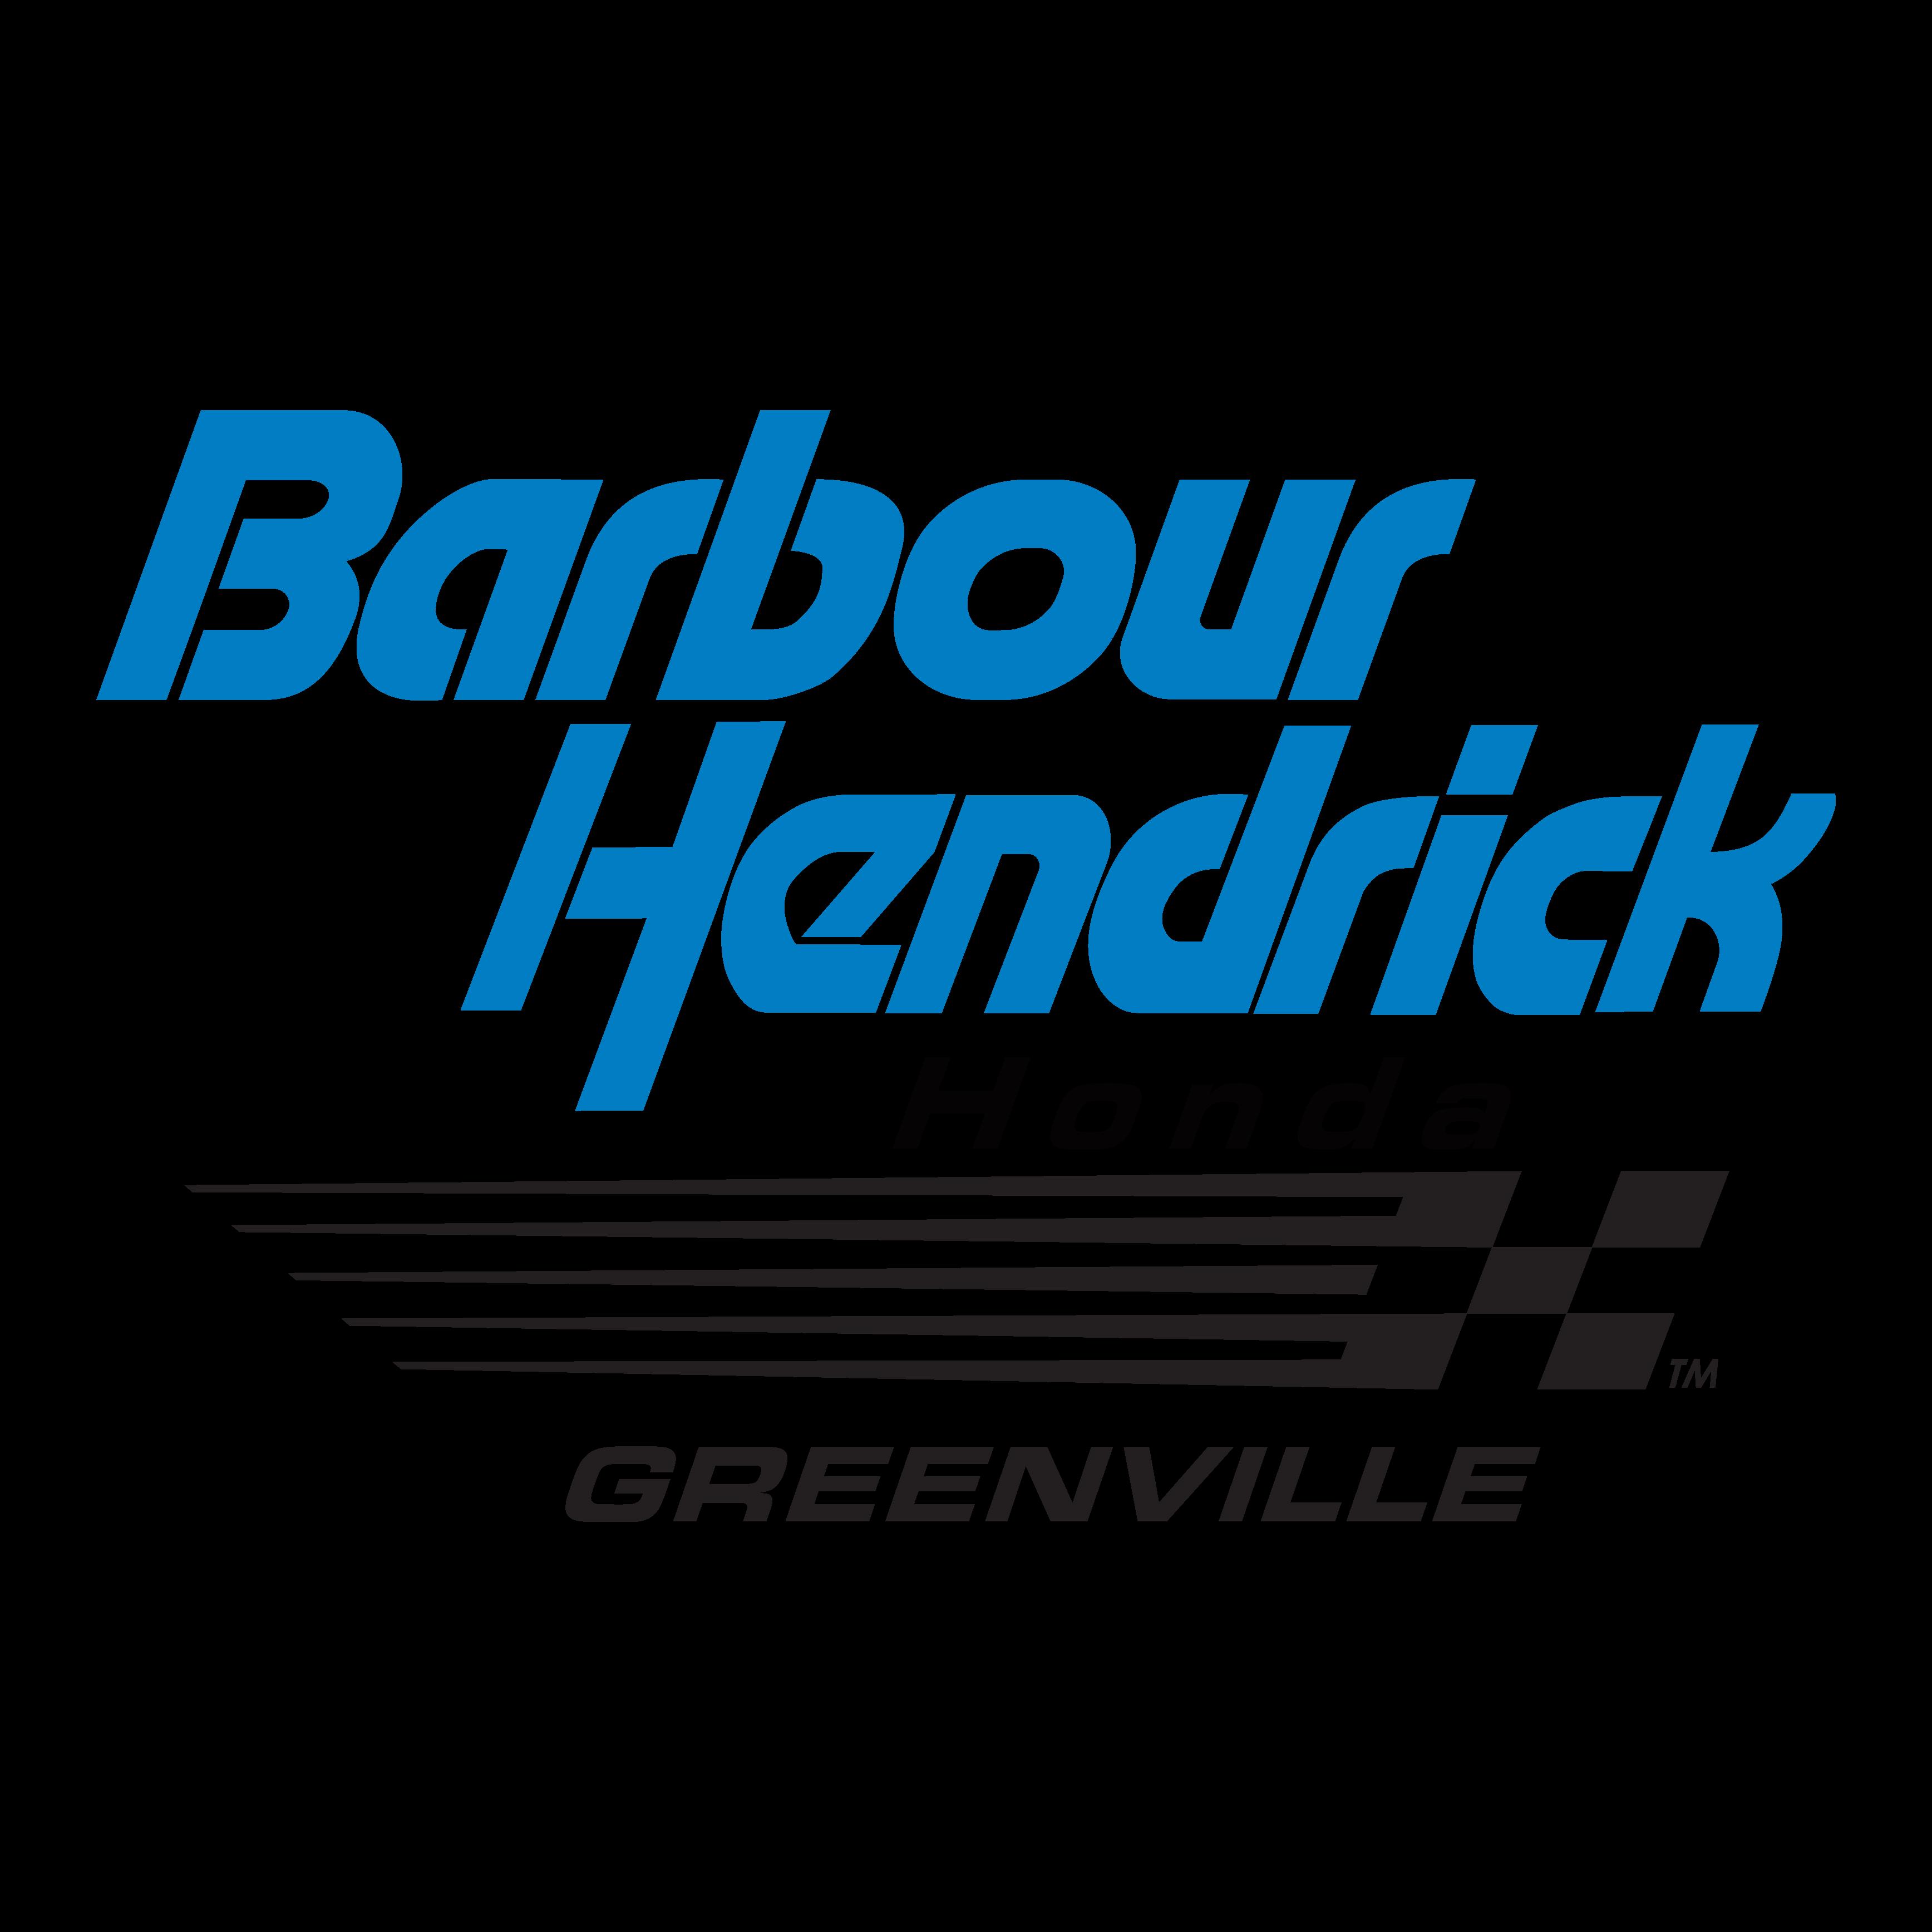 Barbour-Hendrick Honda Greenville image 0